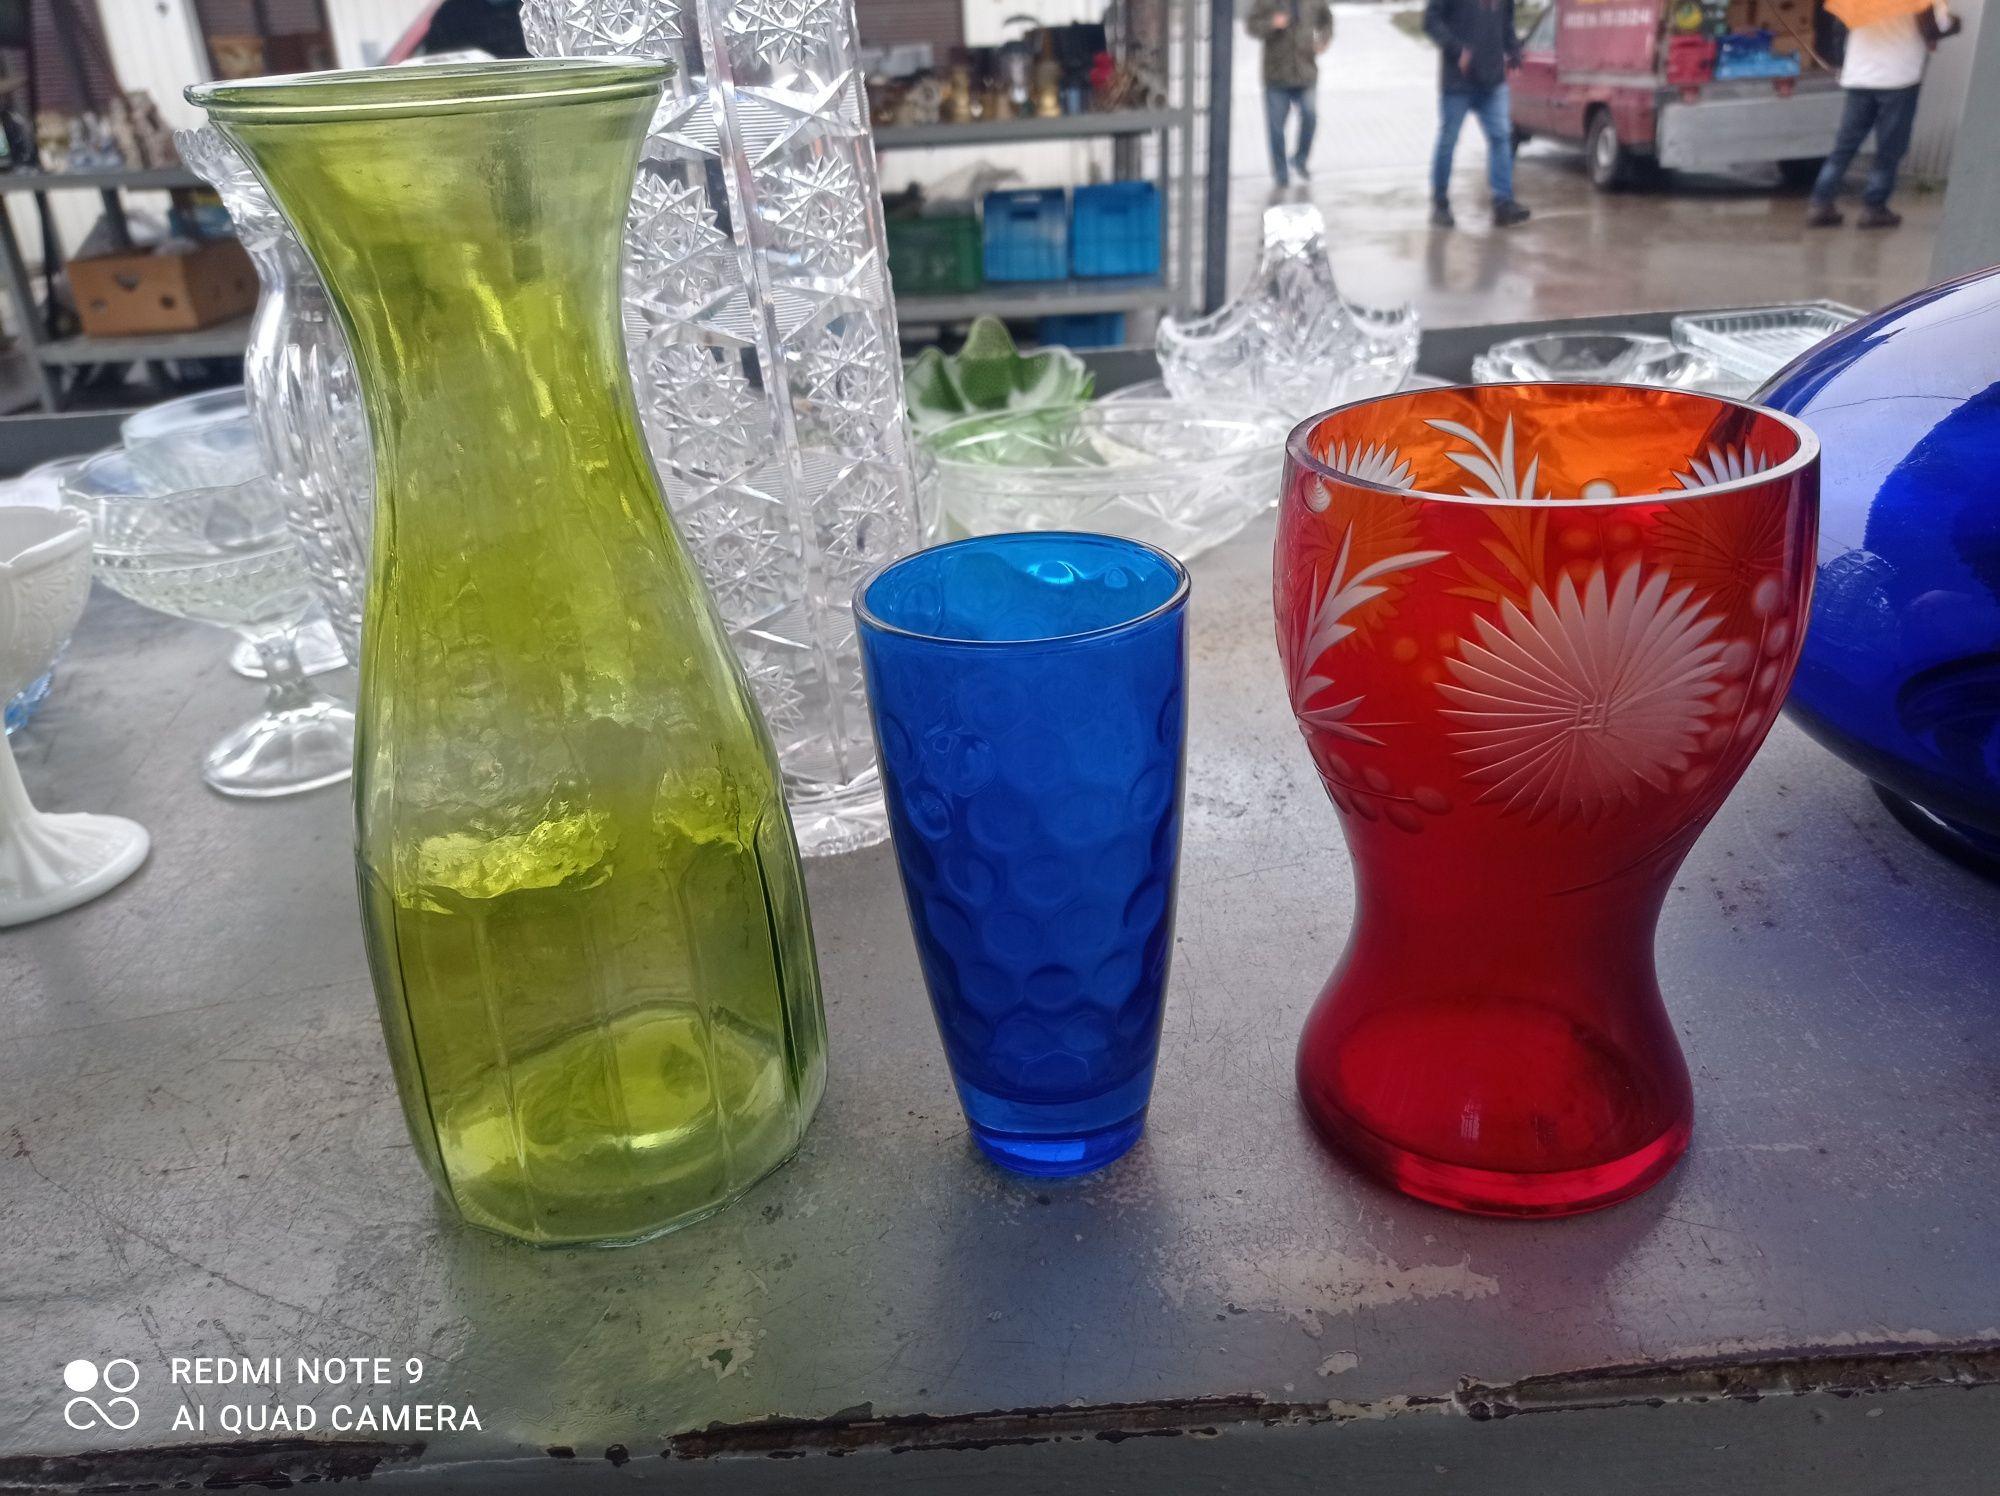 Wazony szklane 3 sztuki komplet